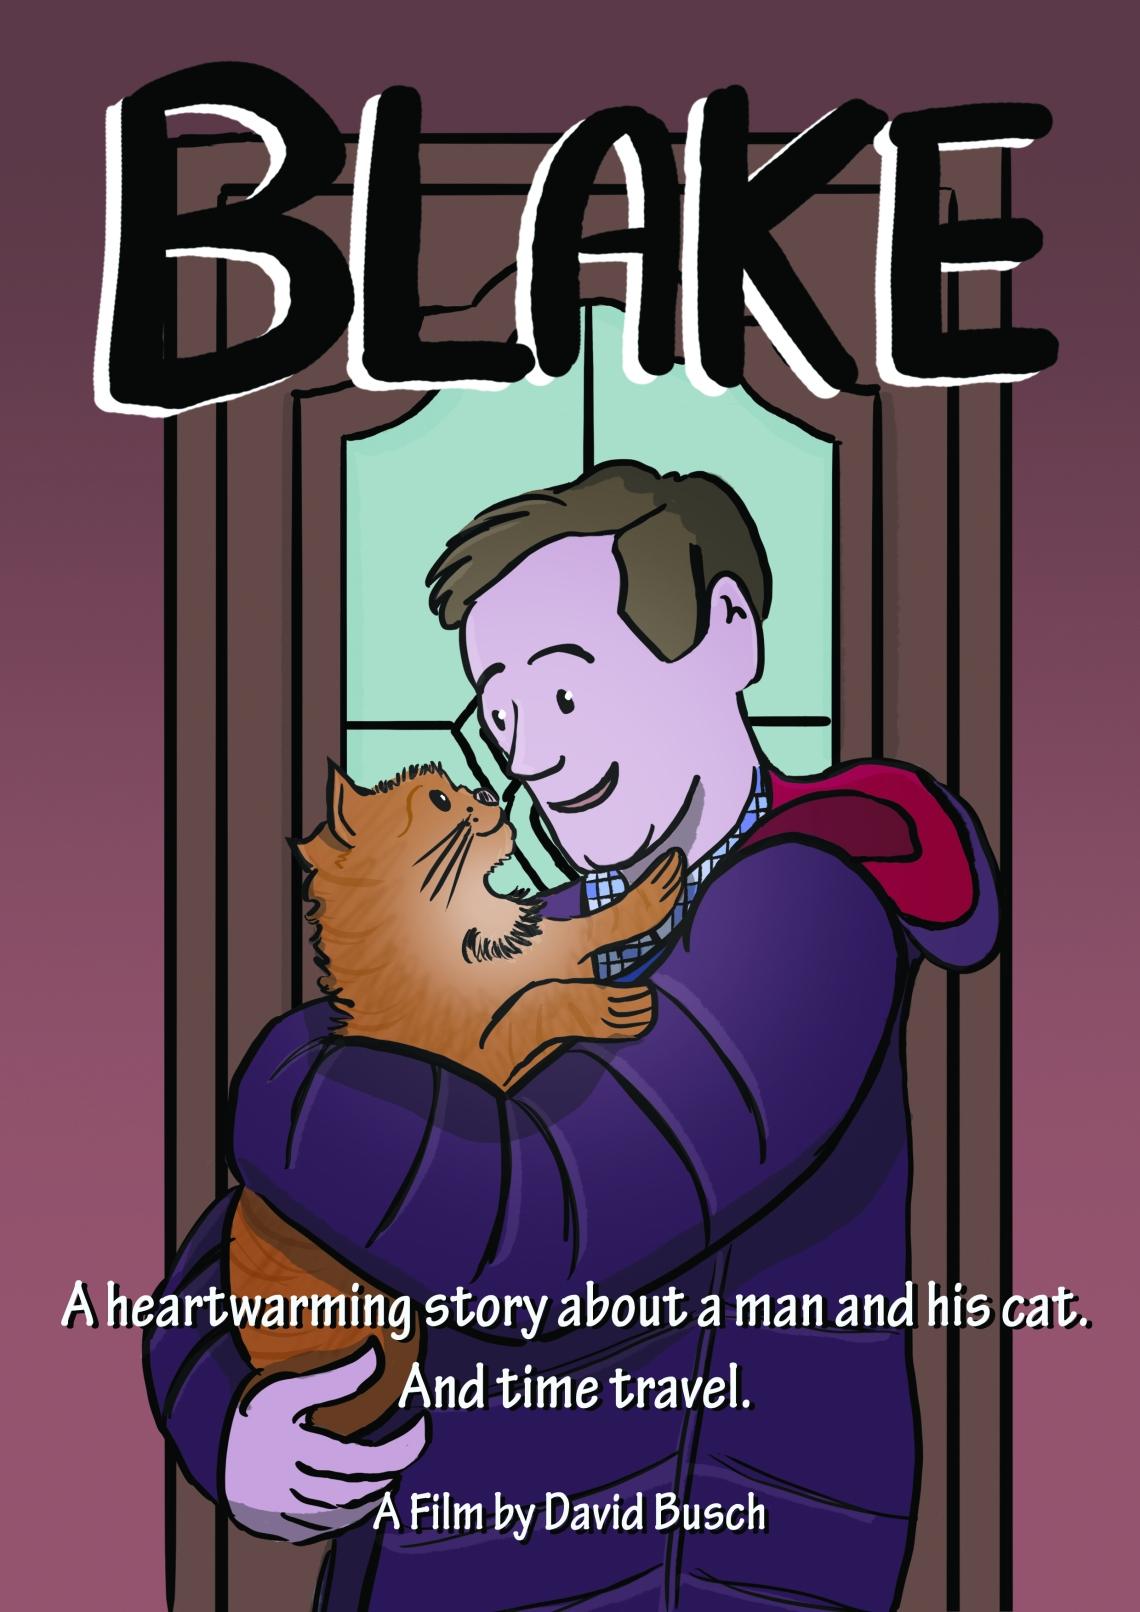 Blake_Poster_10-10-18